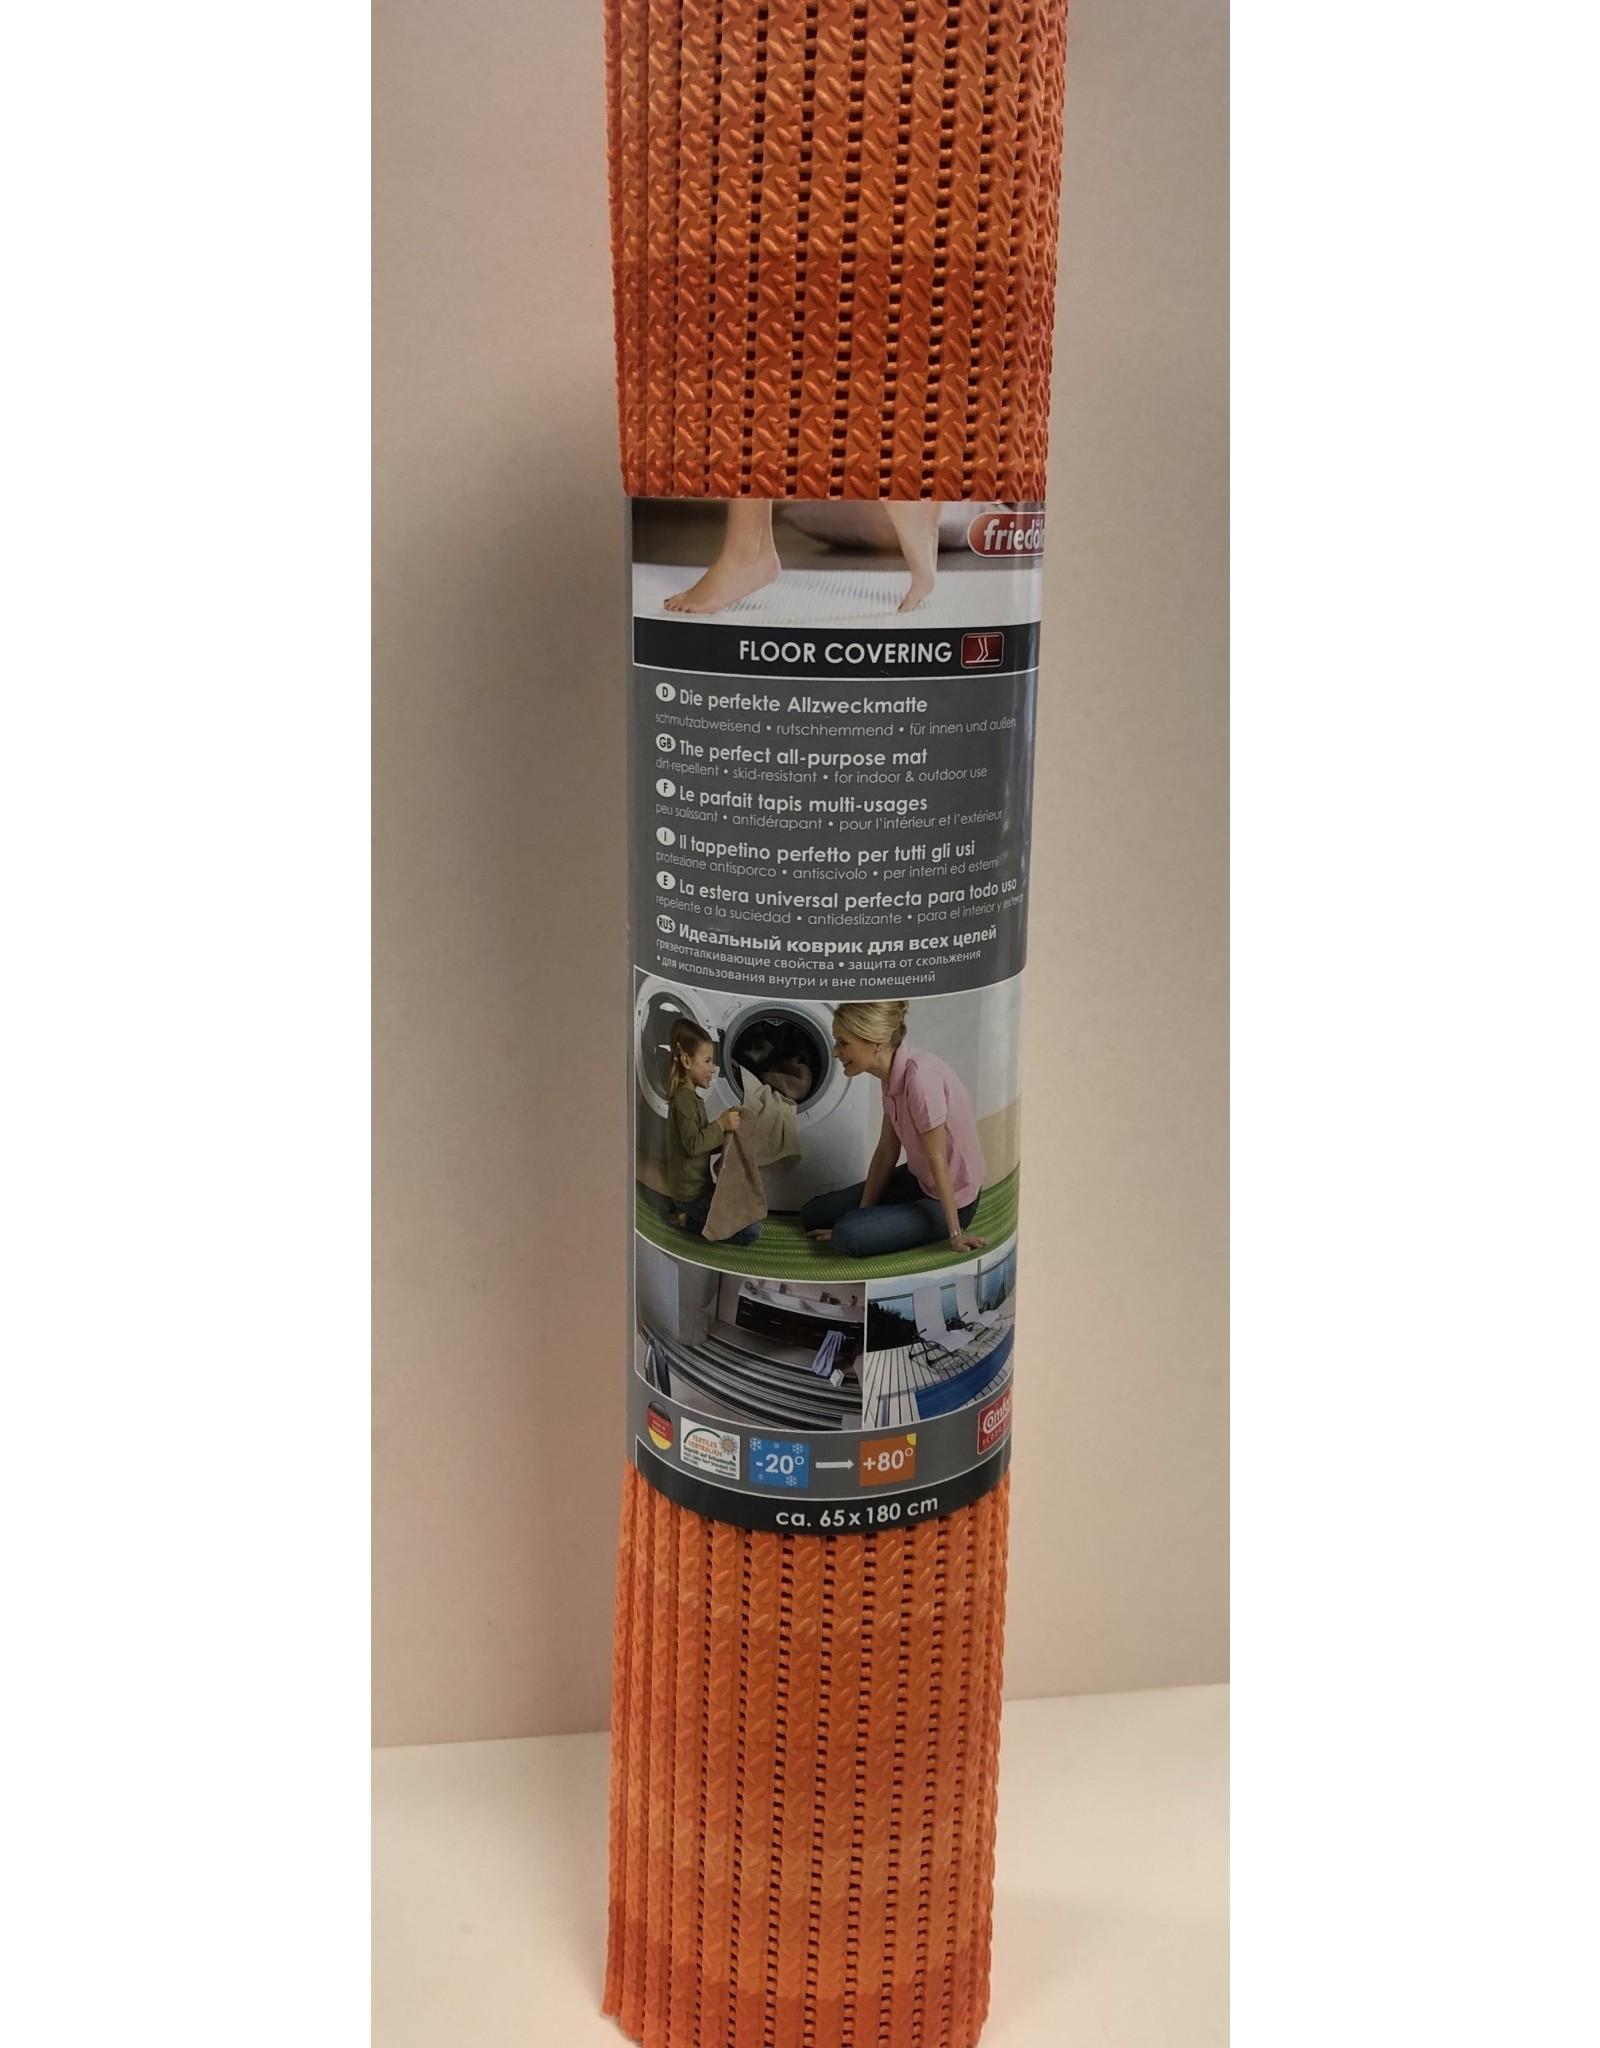 DUTCH HOUSE Antislip mat /universele mat oranje  65X180 Geschikt voor sauna/ vloerverwarming/ badkamer/binnen en buiten het huis